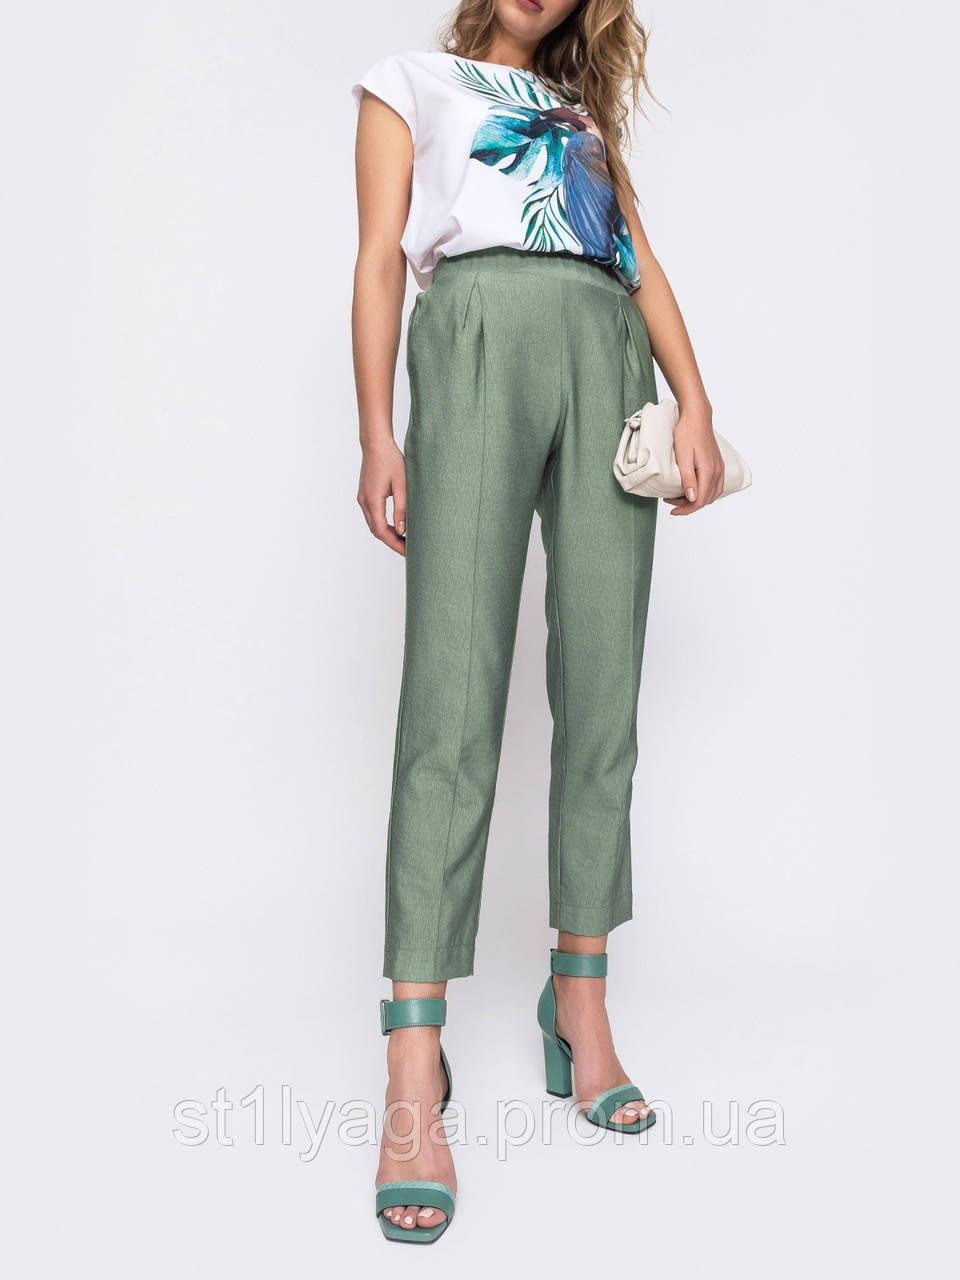 Стильные укороченные брюки с поясом